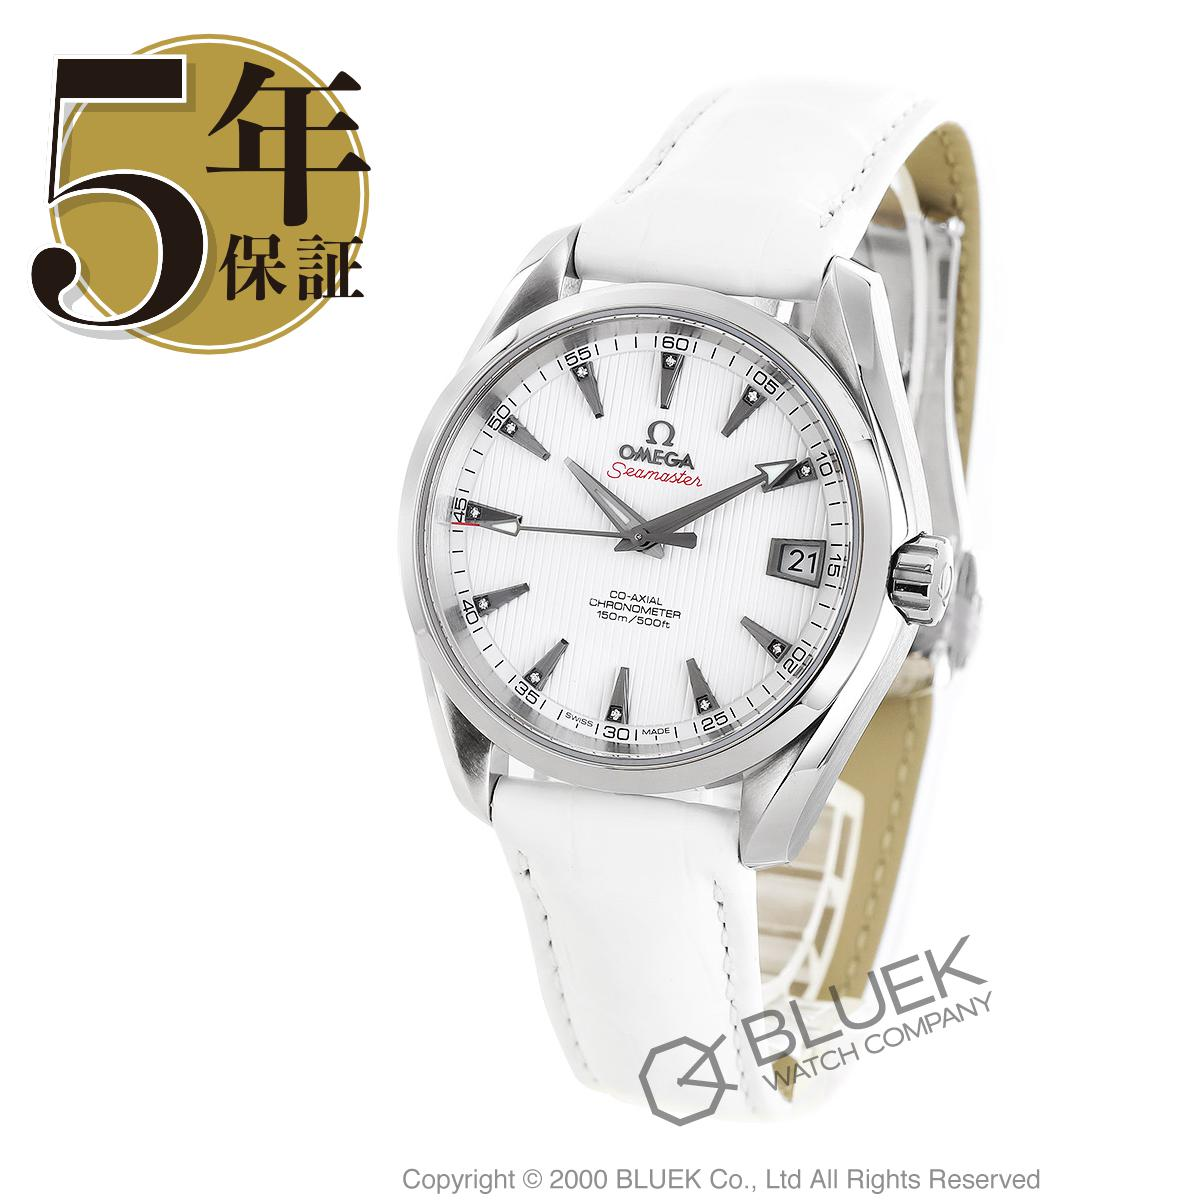 オメガ シーマスター アクアテラ ダイヤ アリゲーターレザー 腕時計 メンズ OMEGA 231.13.39.21.54.001_5